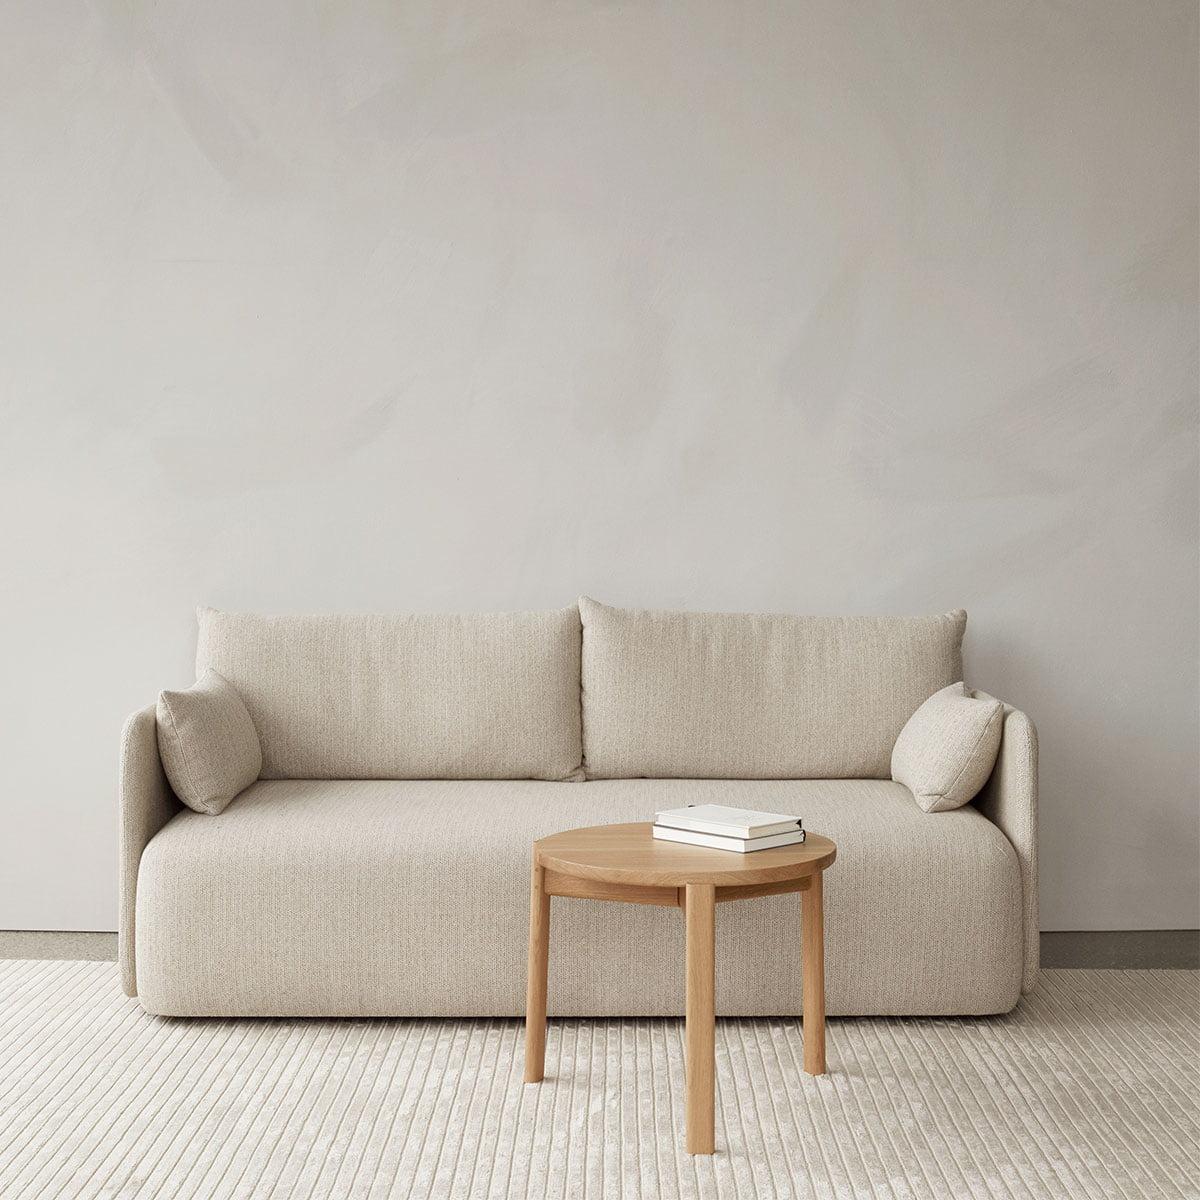 Offset-sofa